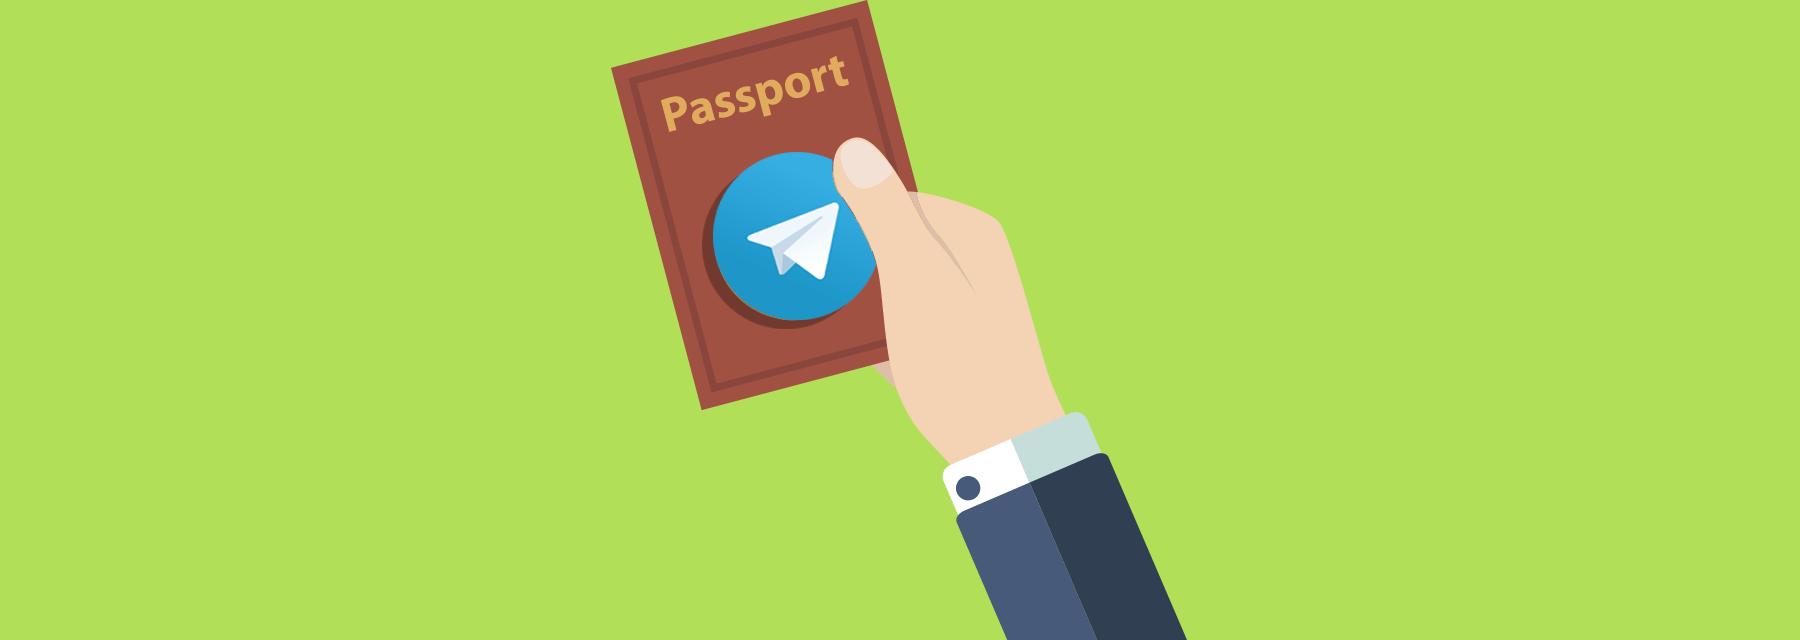 картинка: как пользоваться telegram passport